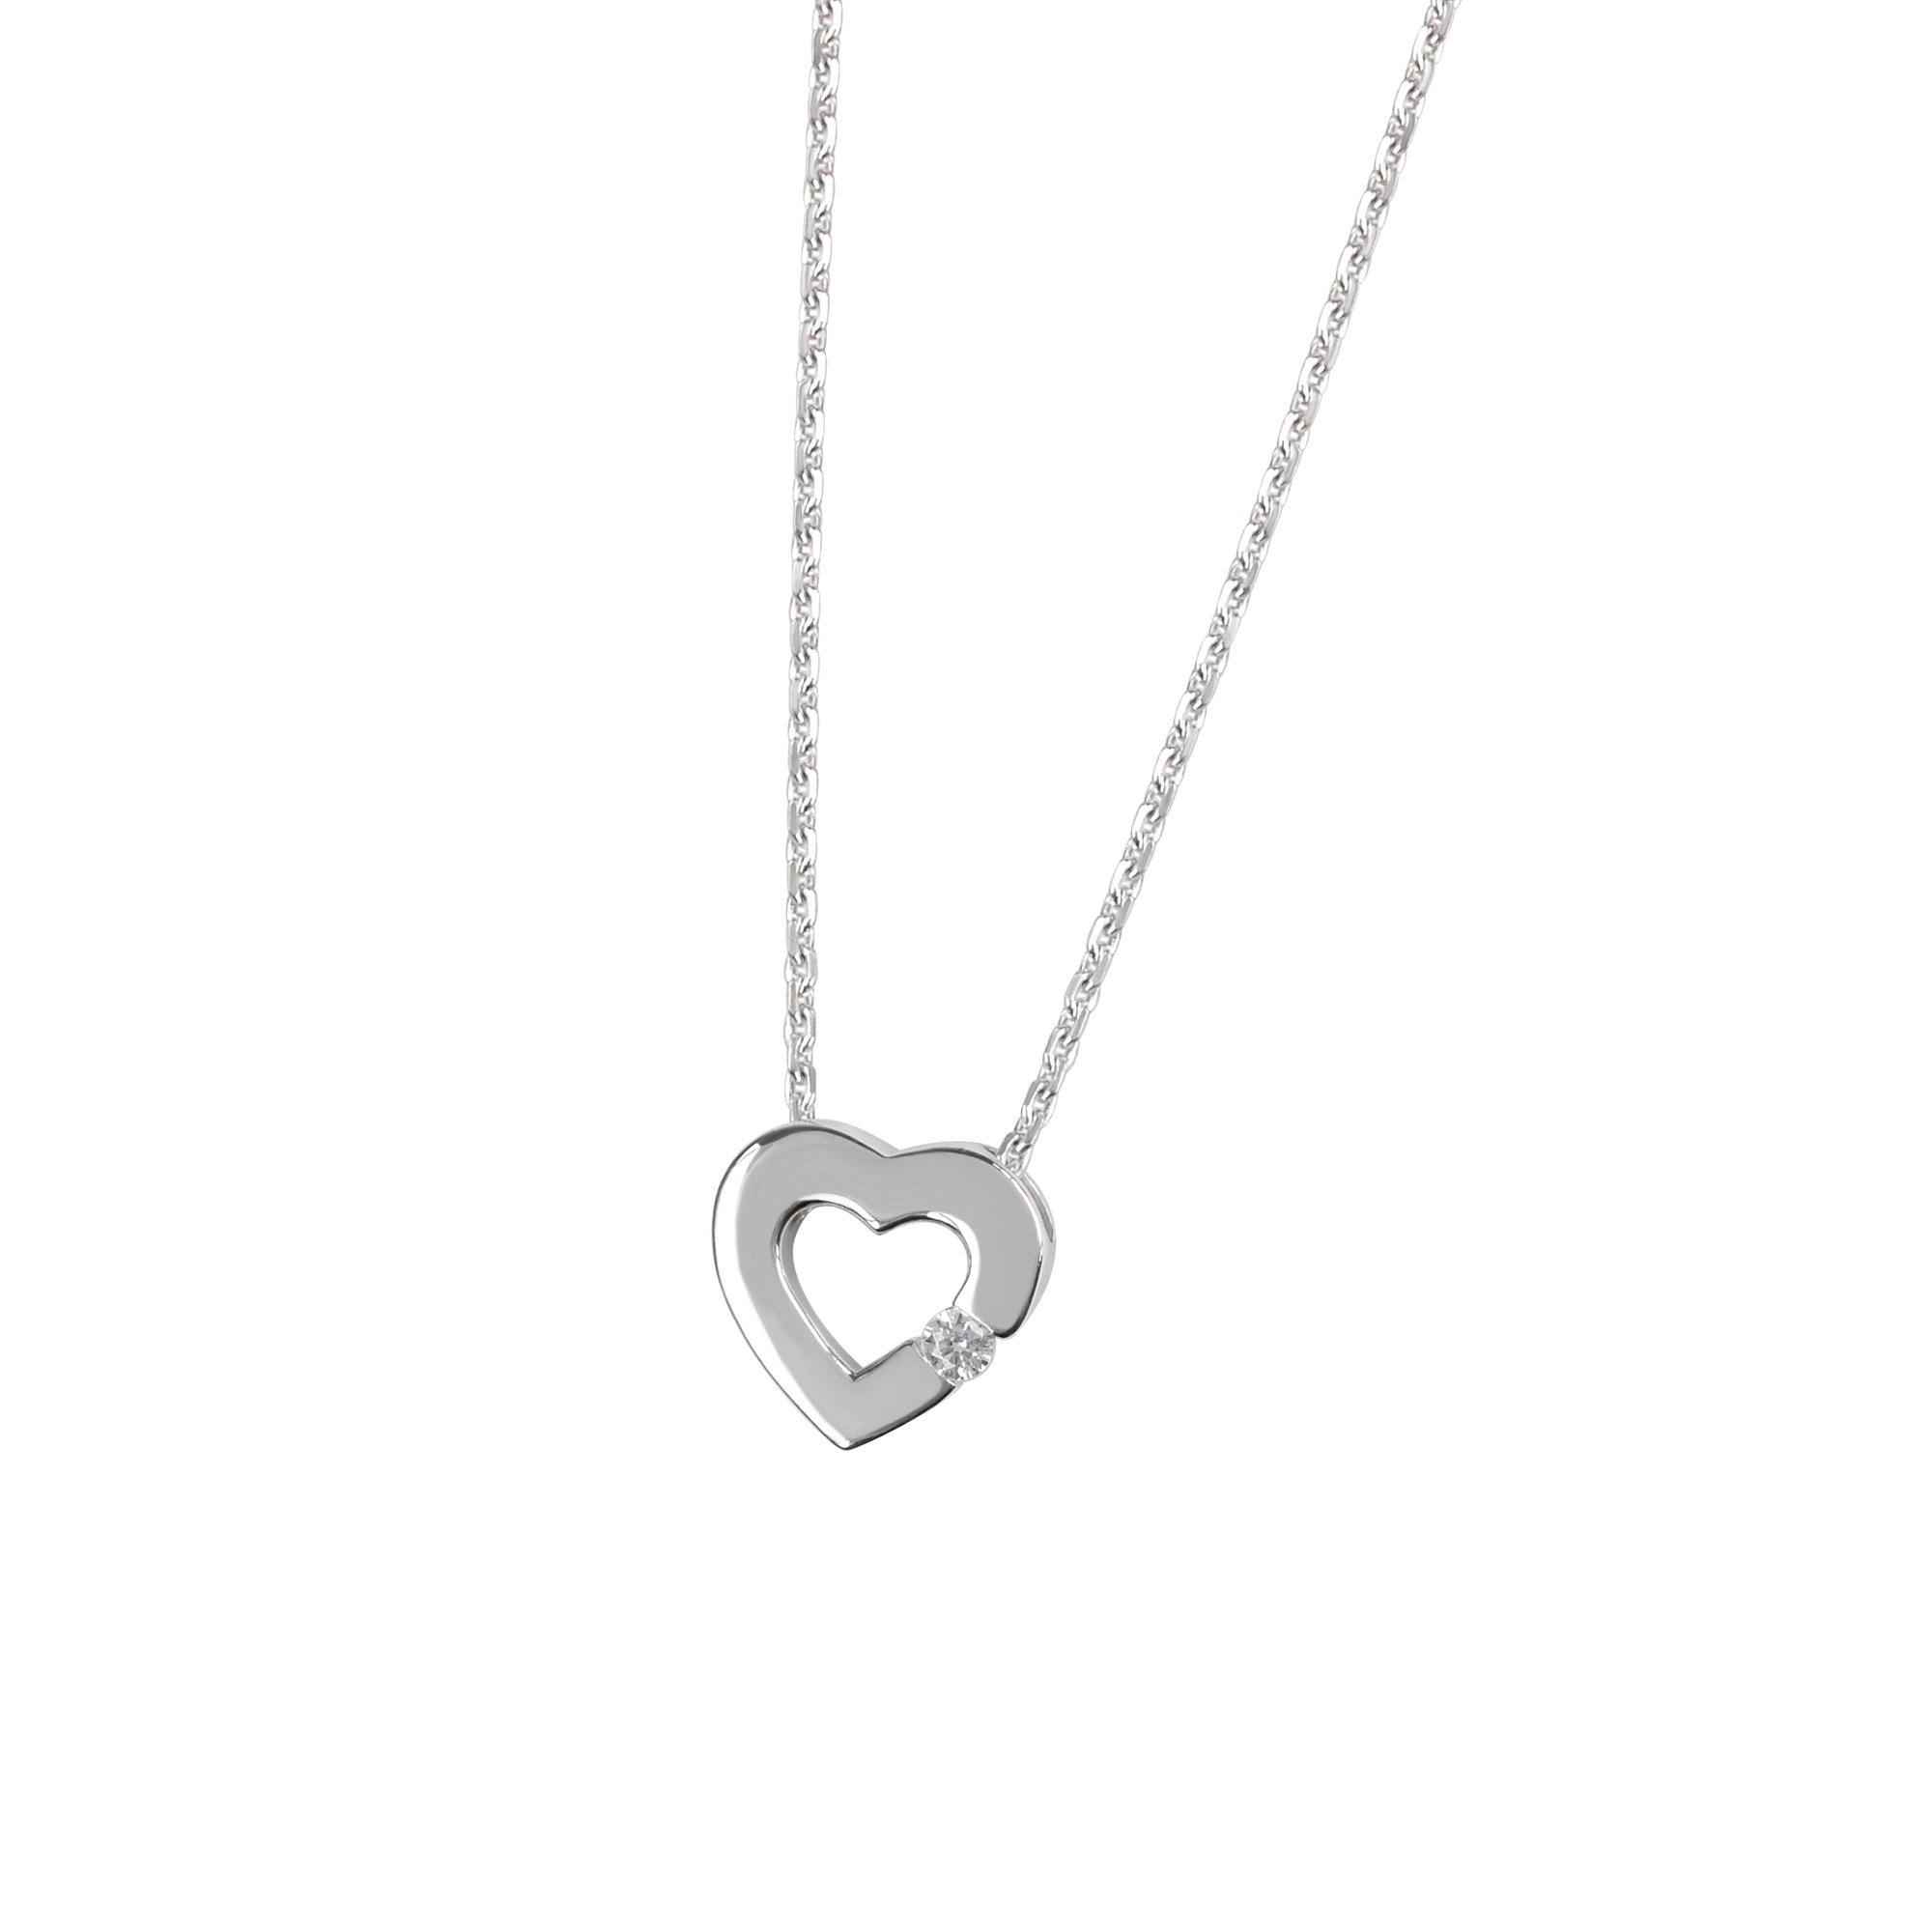 d069a7f5365e DOOSTI Damen Collier mit Anhänger Herz 925 Silber rhodiniert